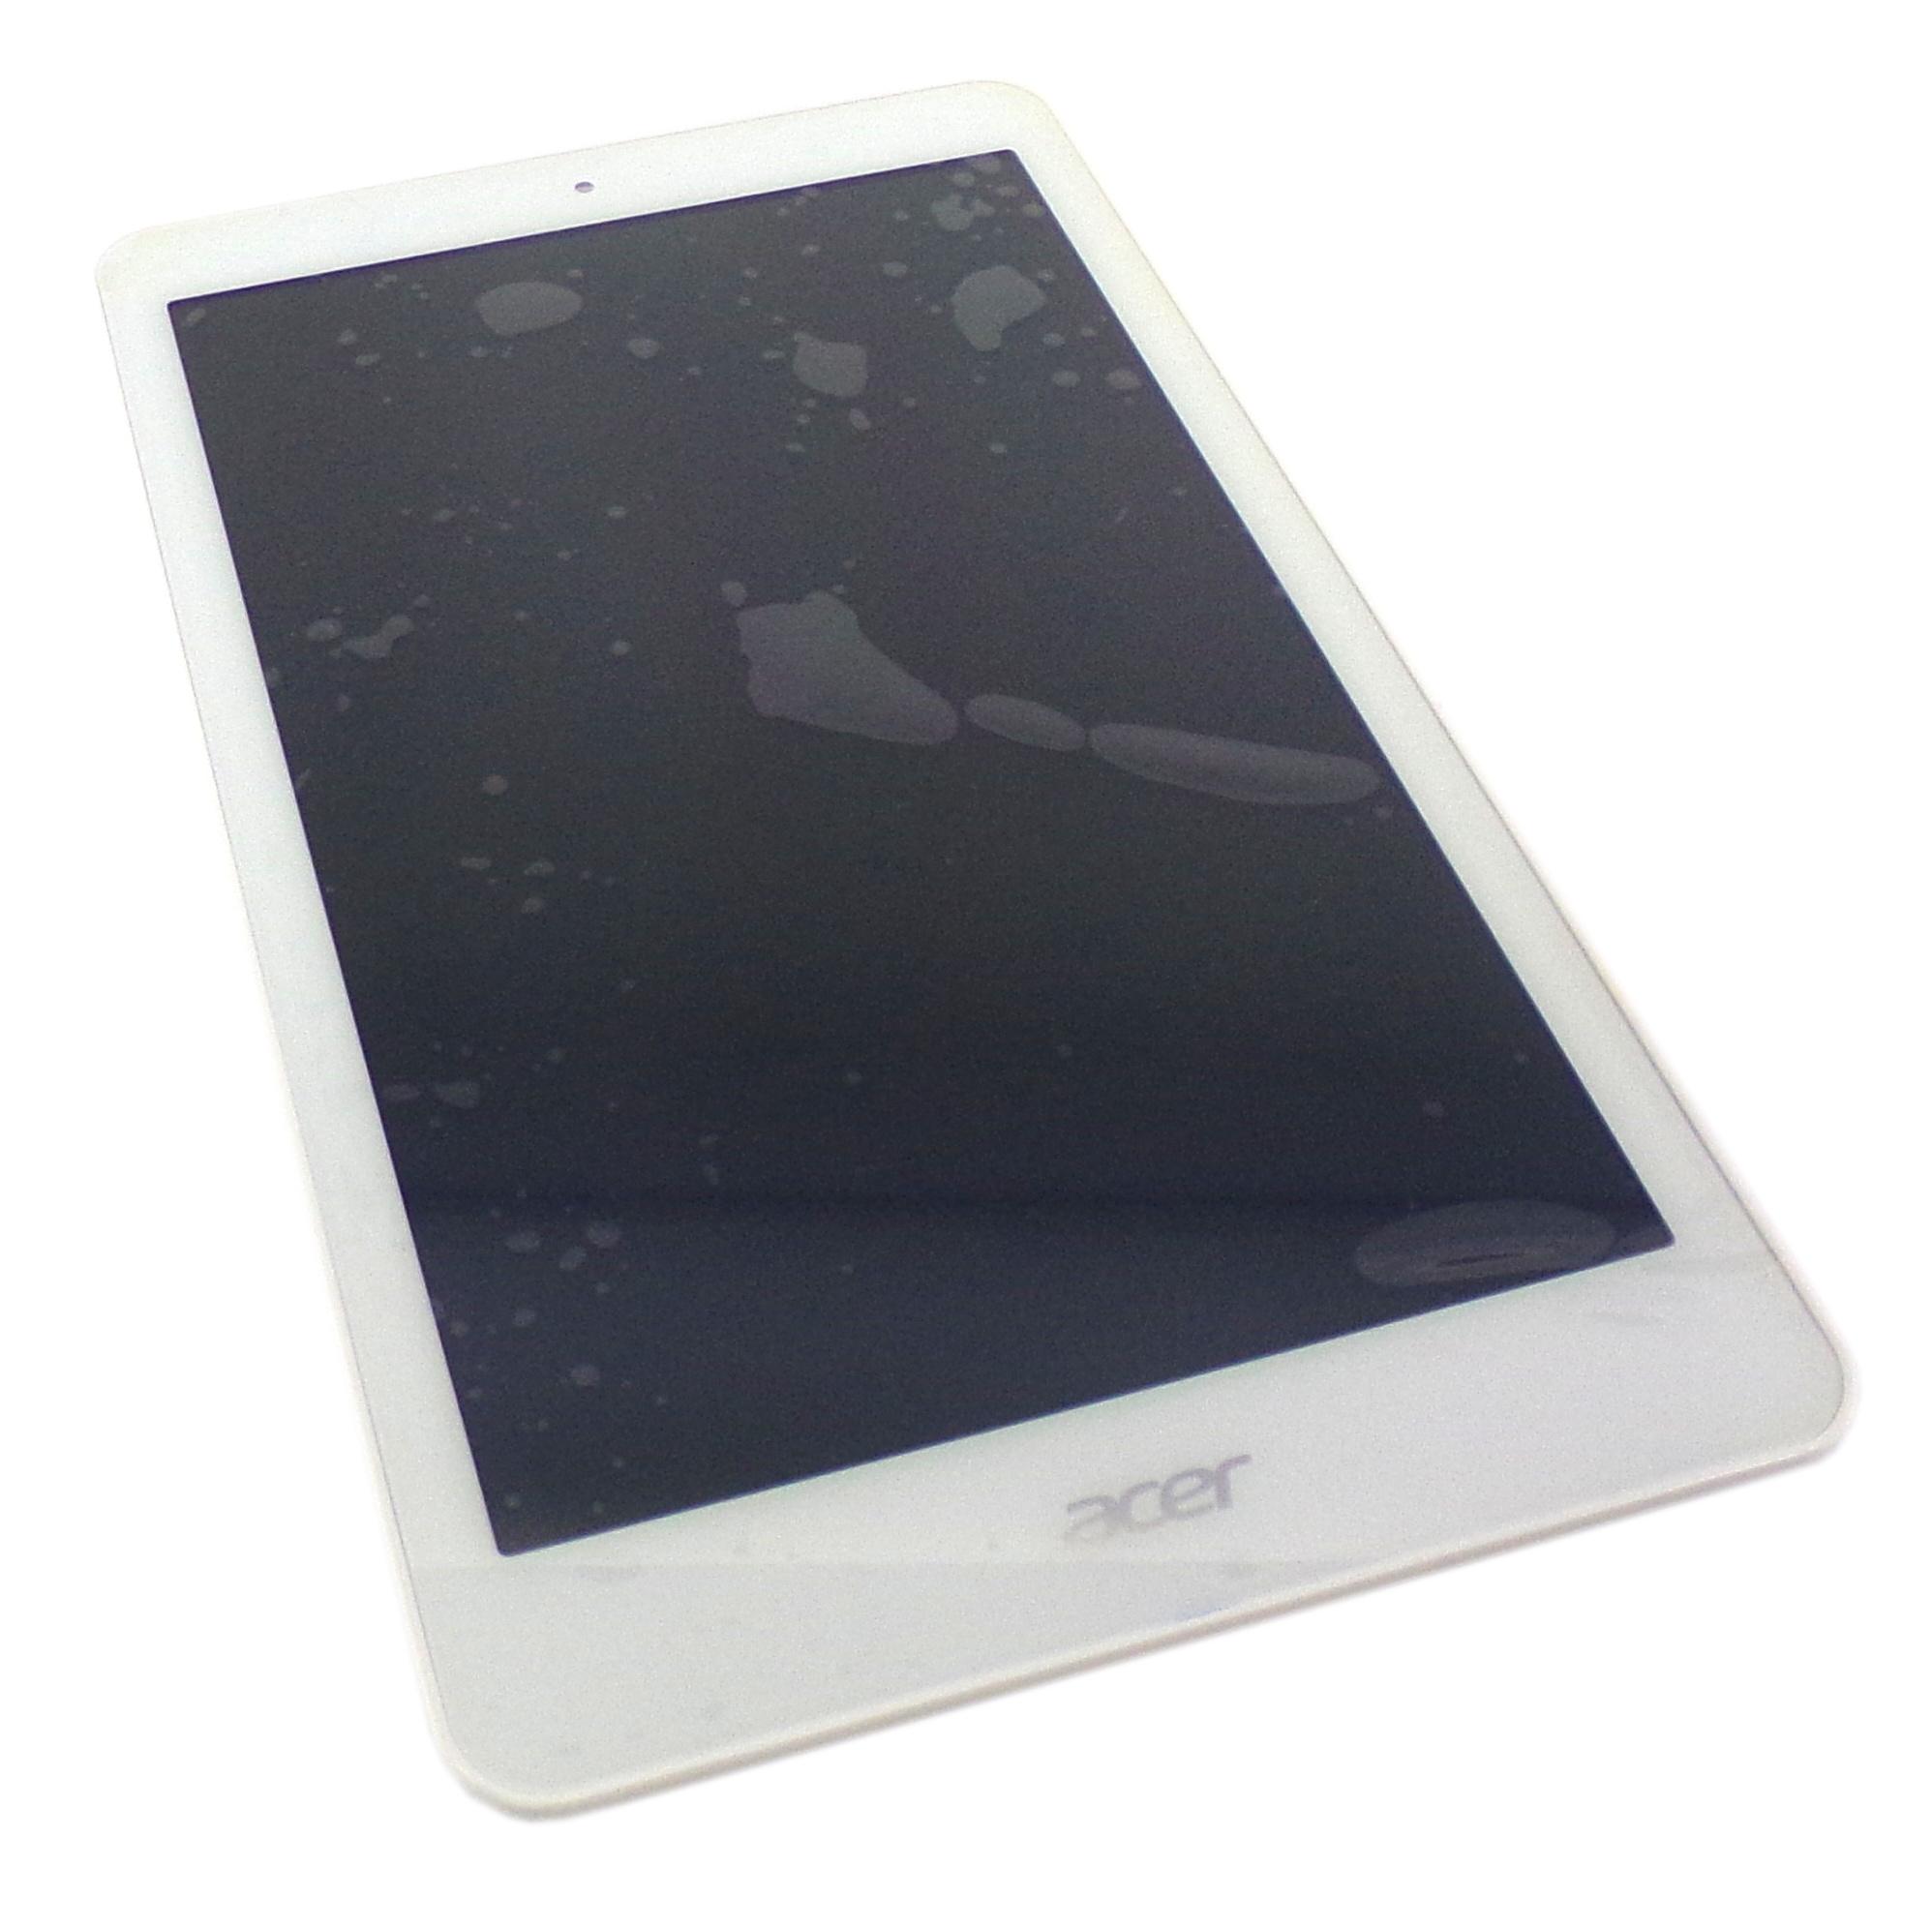 6M.LBDN7.005 Acer LCD MODULE TP 8' WXGA GL W/BZL WHITE